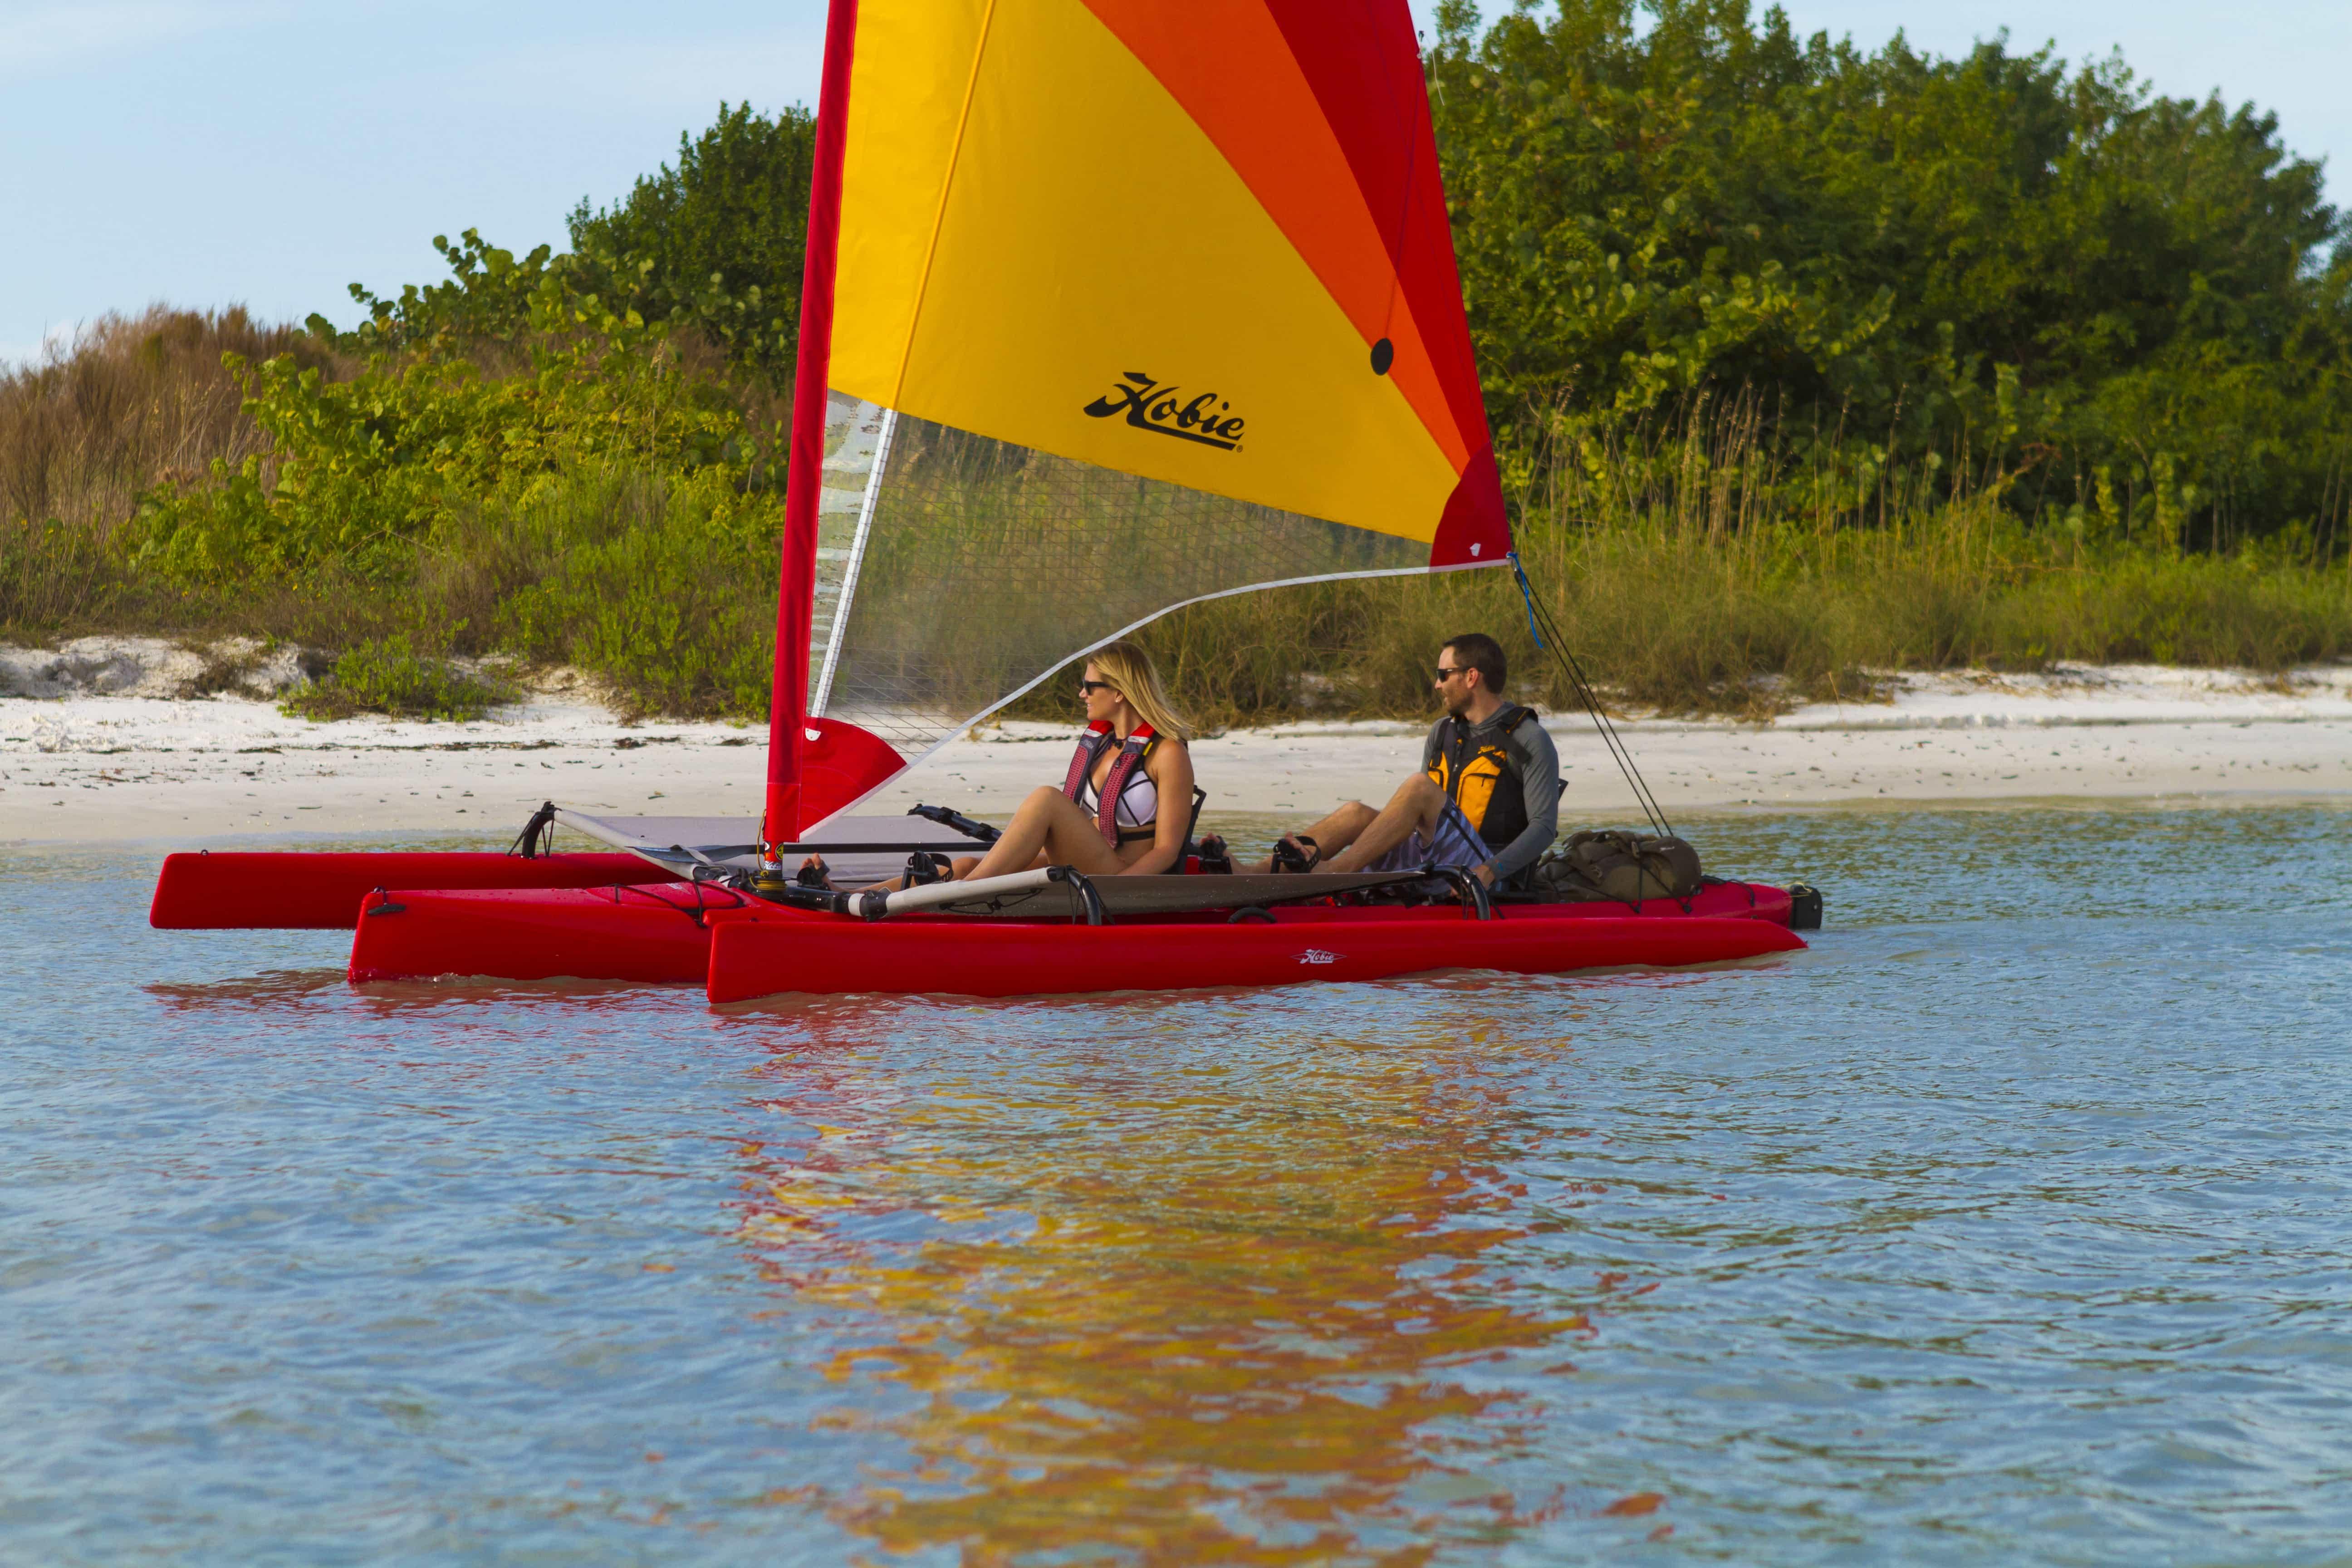 Une sortie en Tandem Island kayak double à voile, c'est facile et ludique